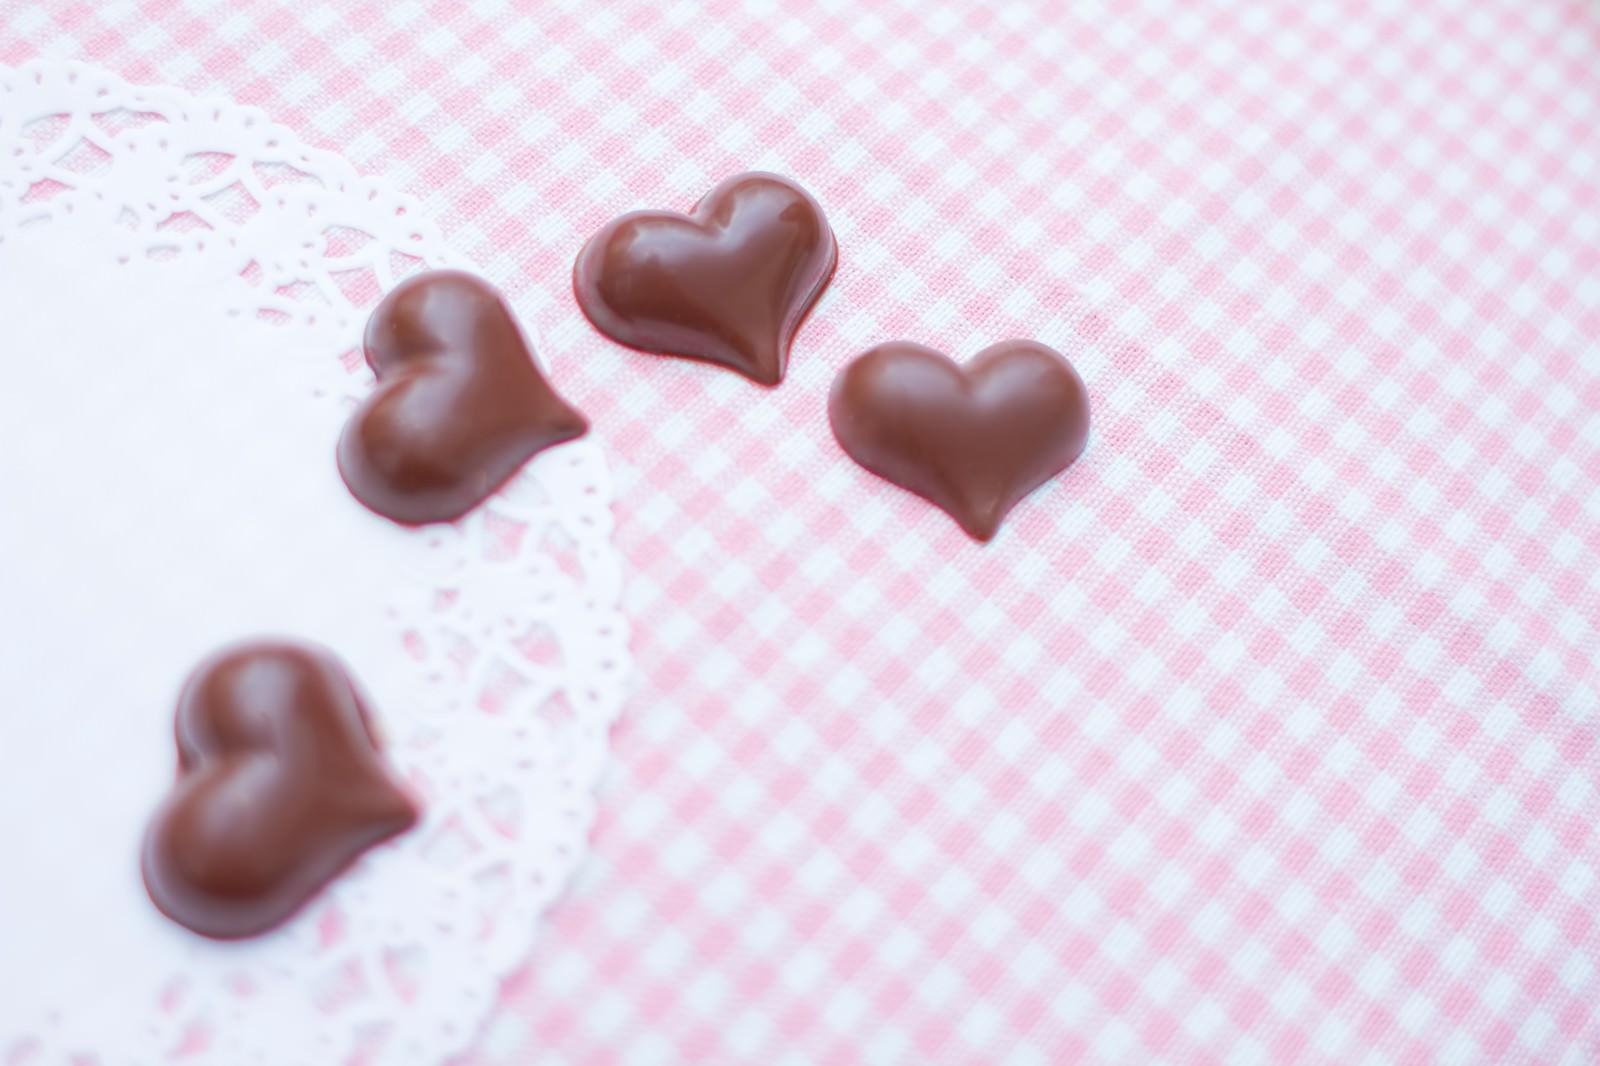 「ハート型のチョコレート」の写真